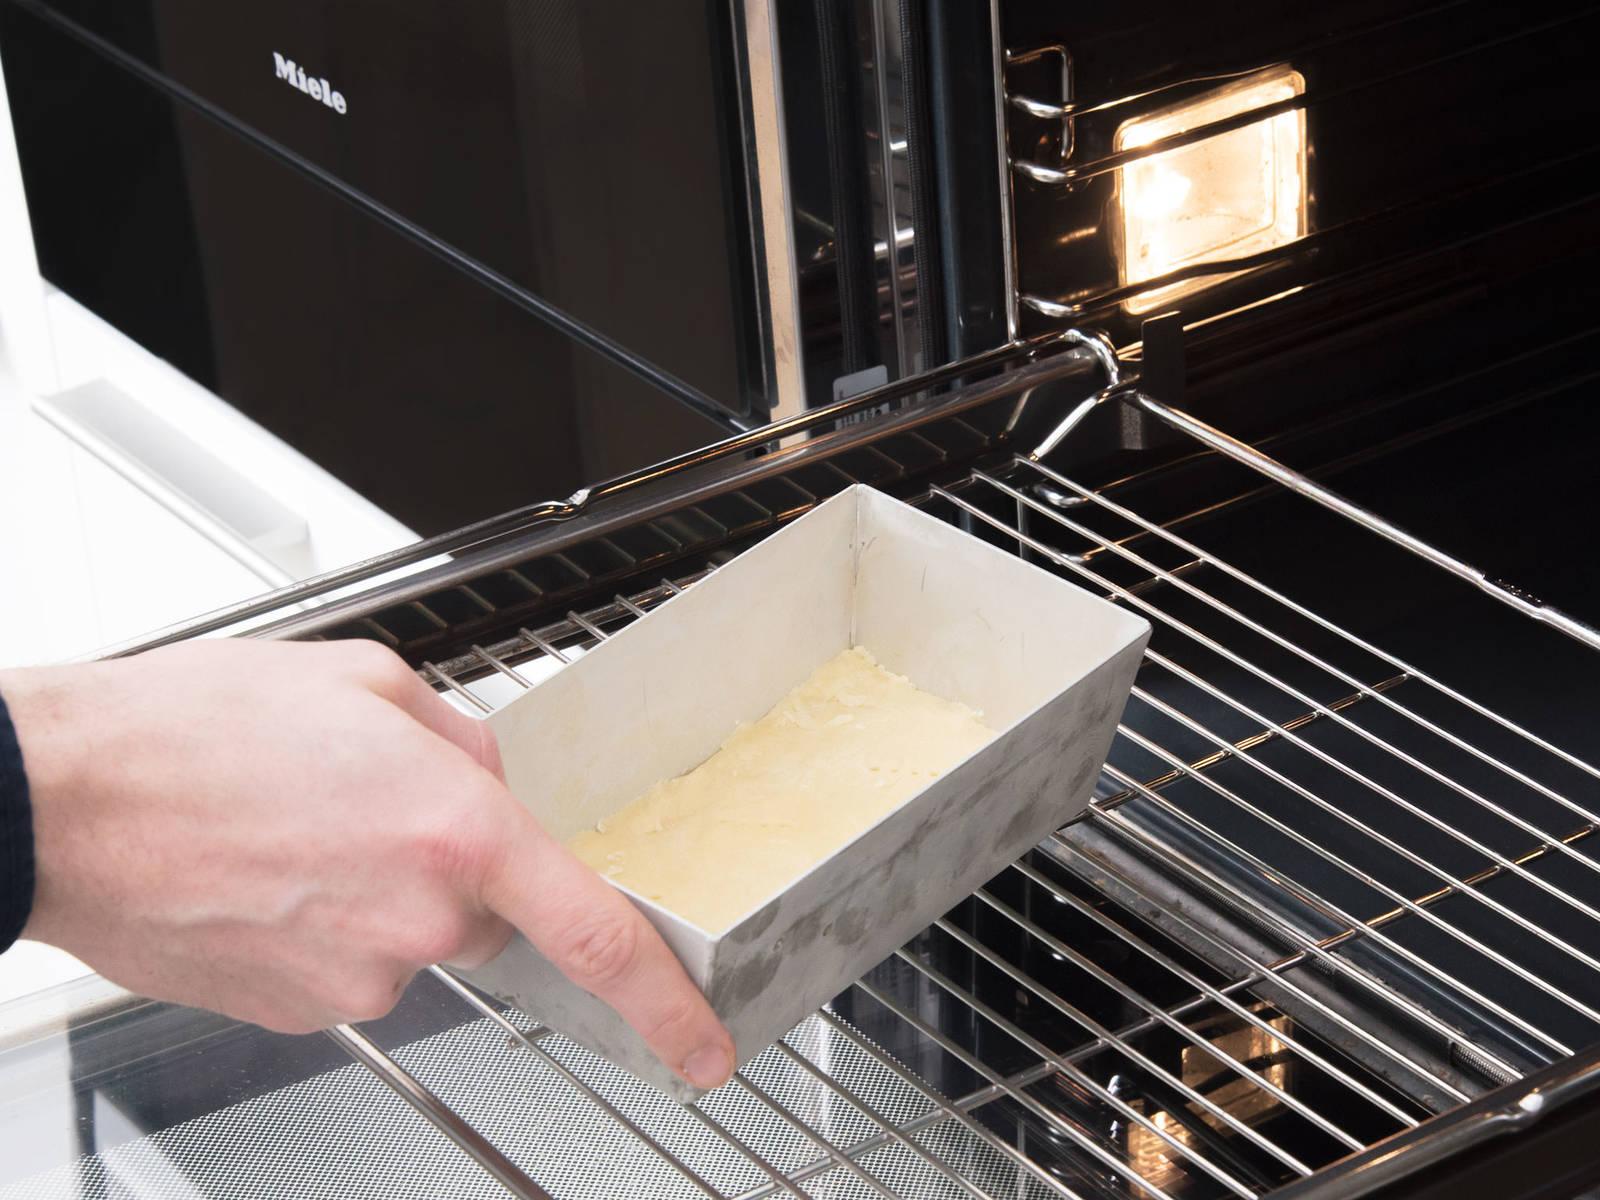 将烤箱预热至170℃。从冰箱中取出面团,擀成5毫米厚的面皮。将面皮放到铺好烘焙纸的长烤盘中,切去超出来的部分。烤15分钟。